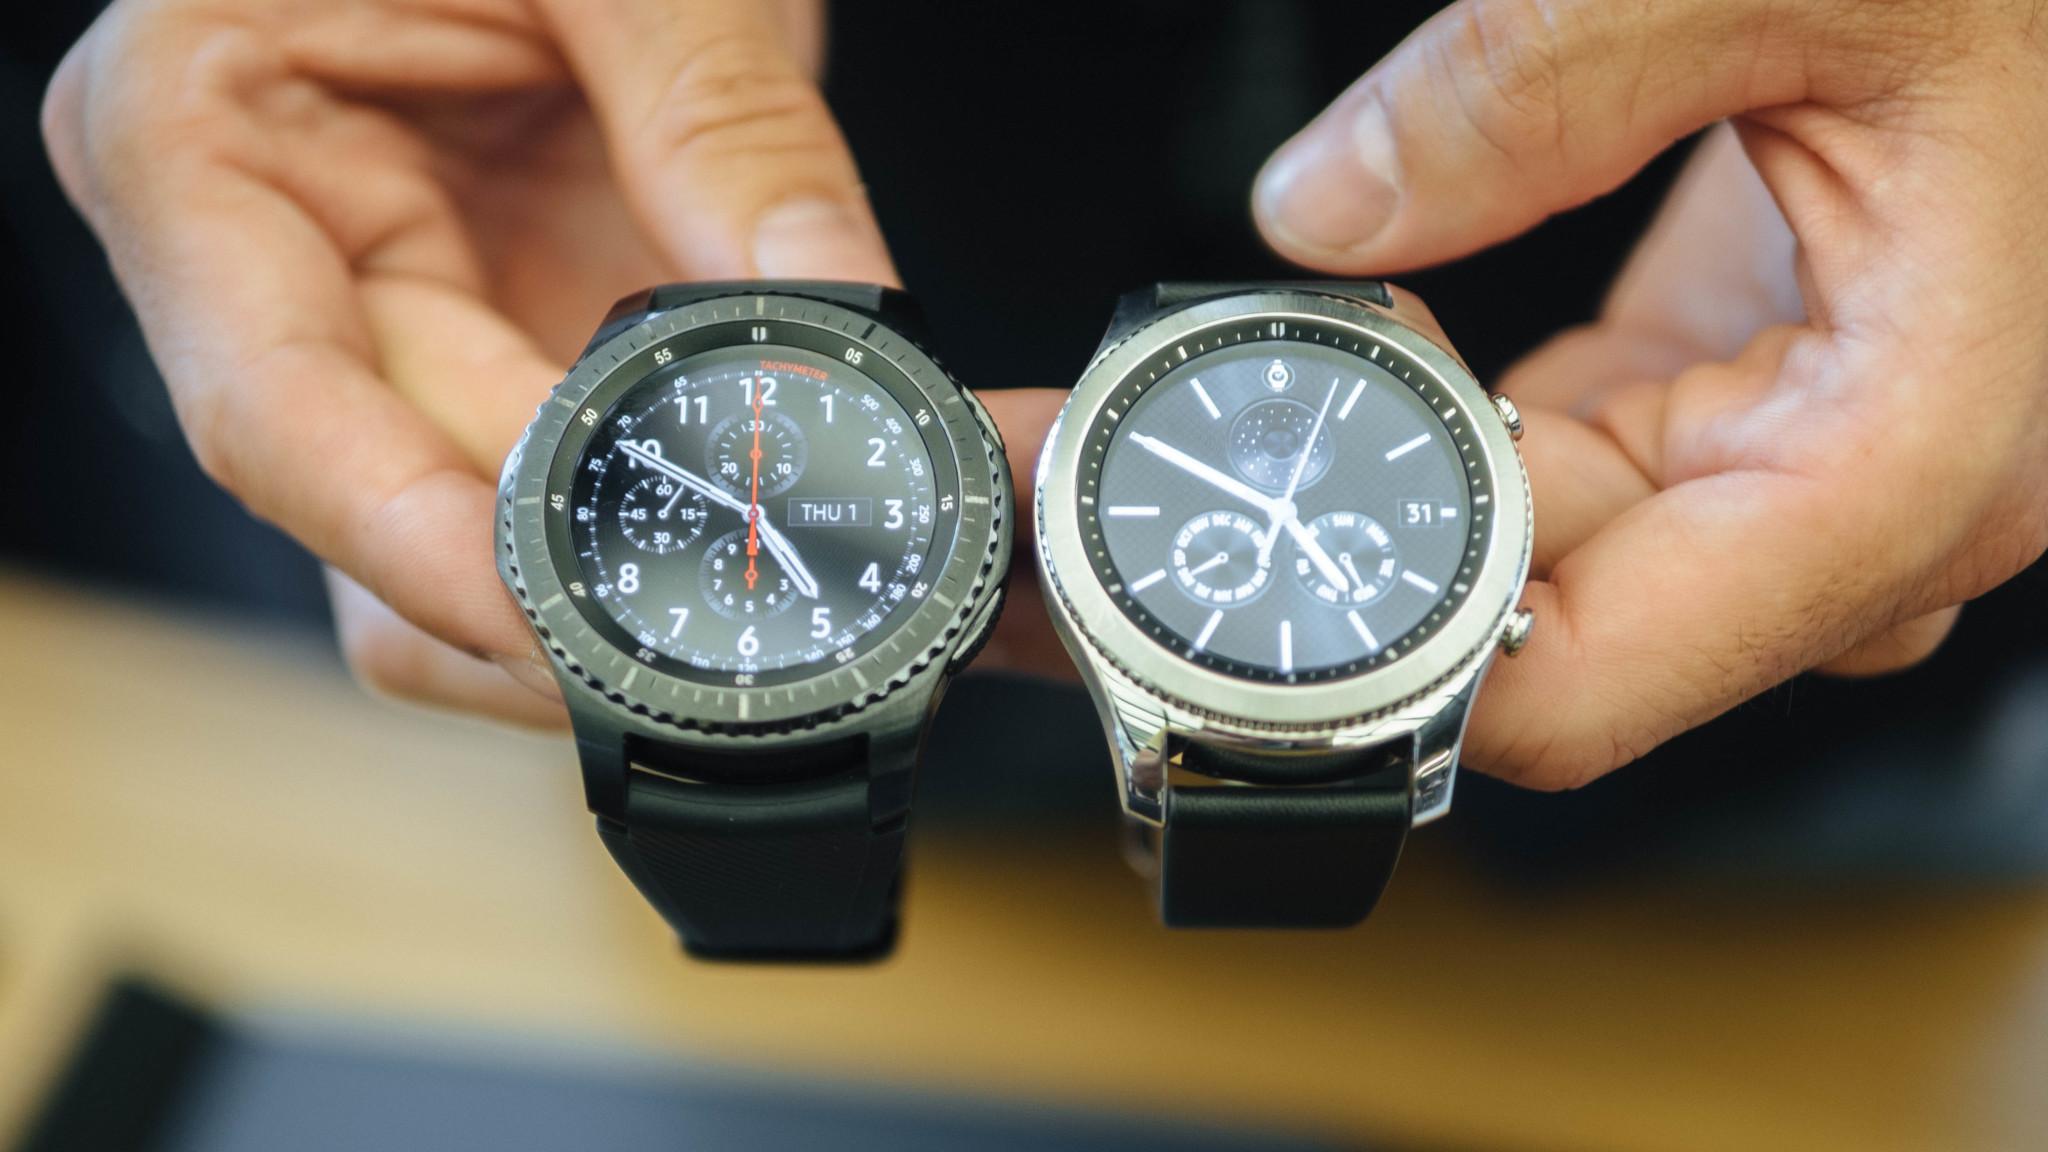 Samsung chính thức ra mắt ứng dụng kết nối Gear S2/ S3 với iPhone